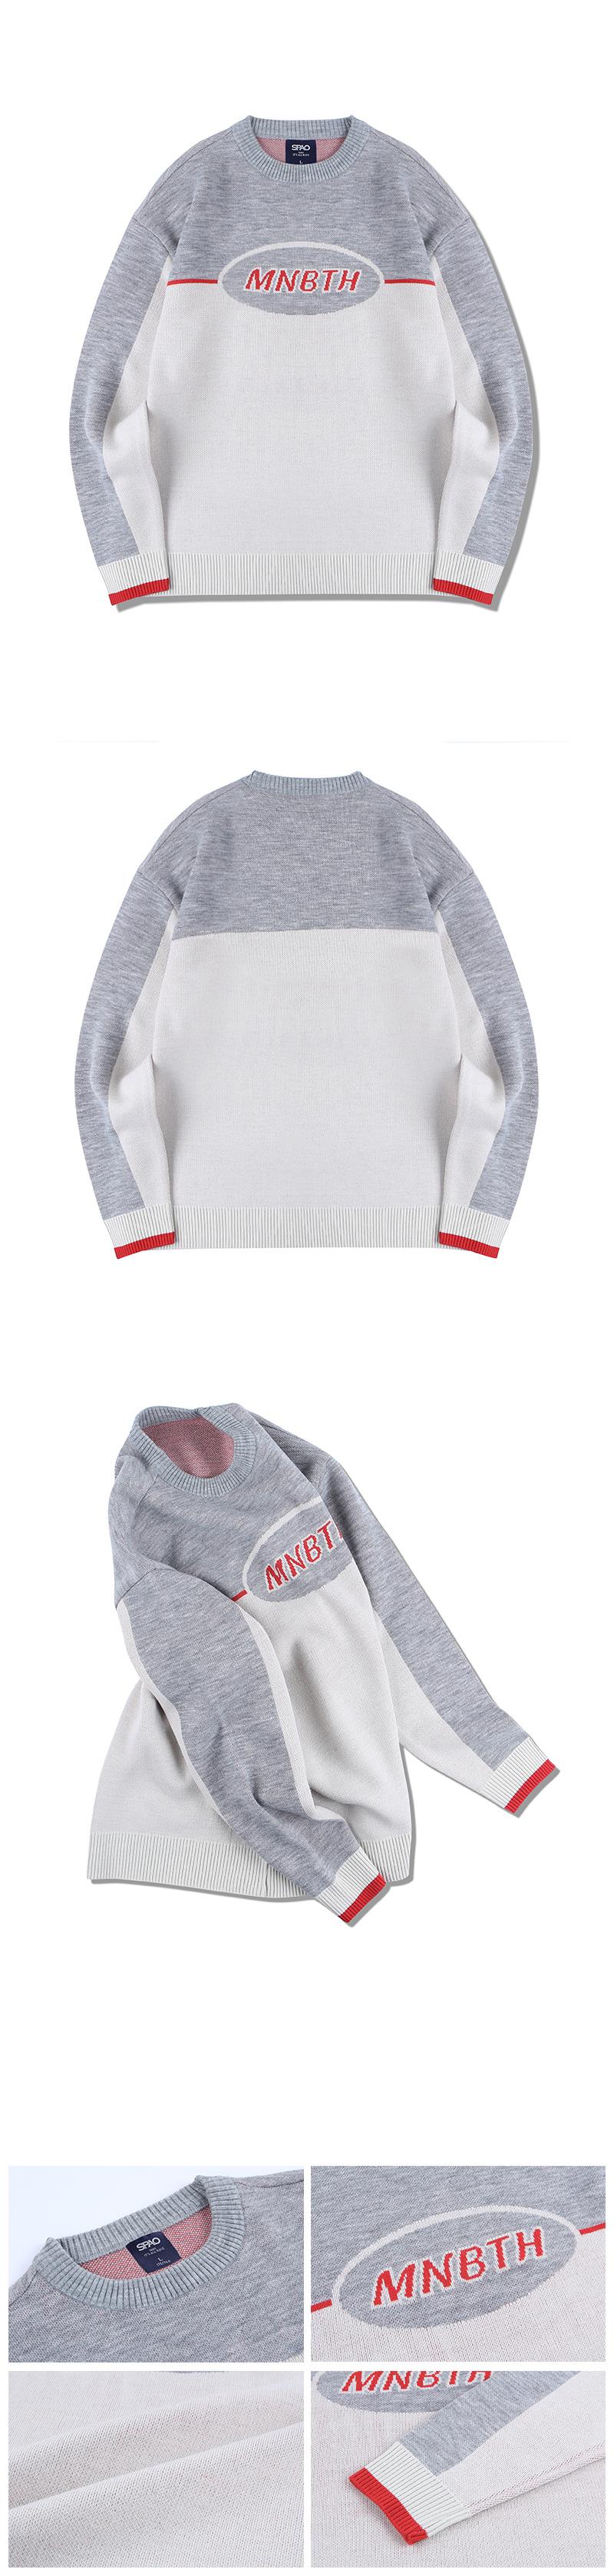 메인부스(MAINBOOTH) (MAINBOOTHxSPAO) 배색 스웨터(GRAY)